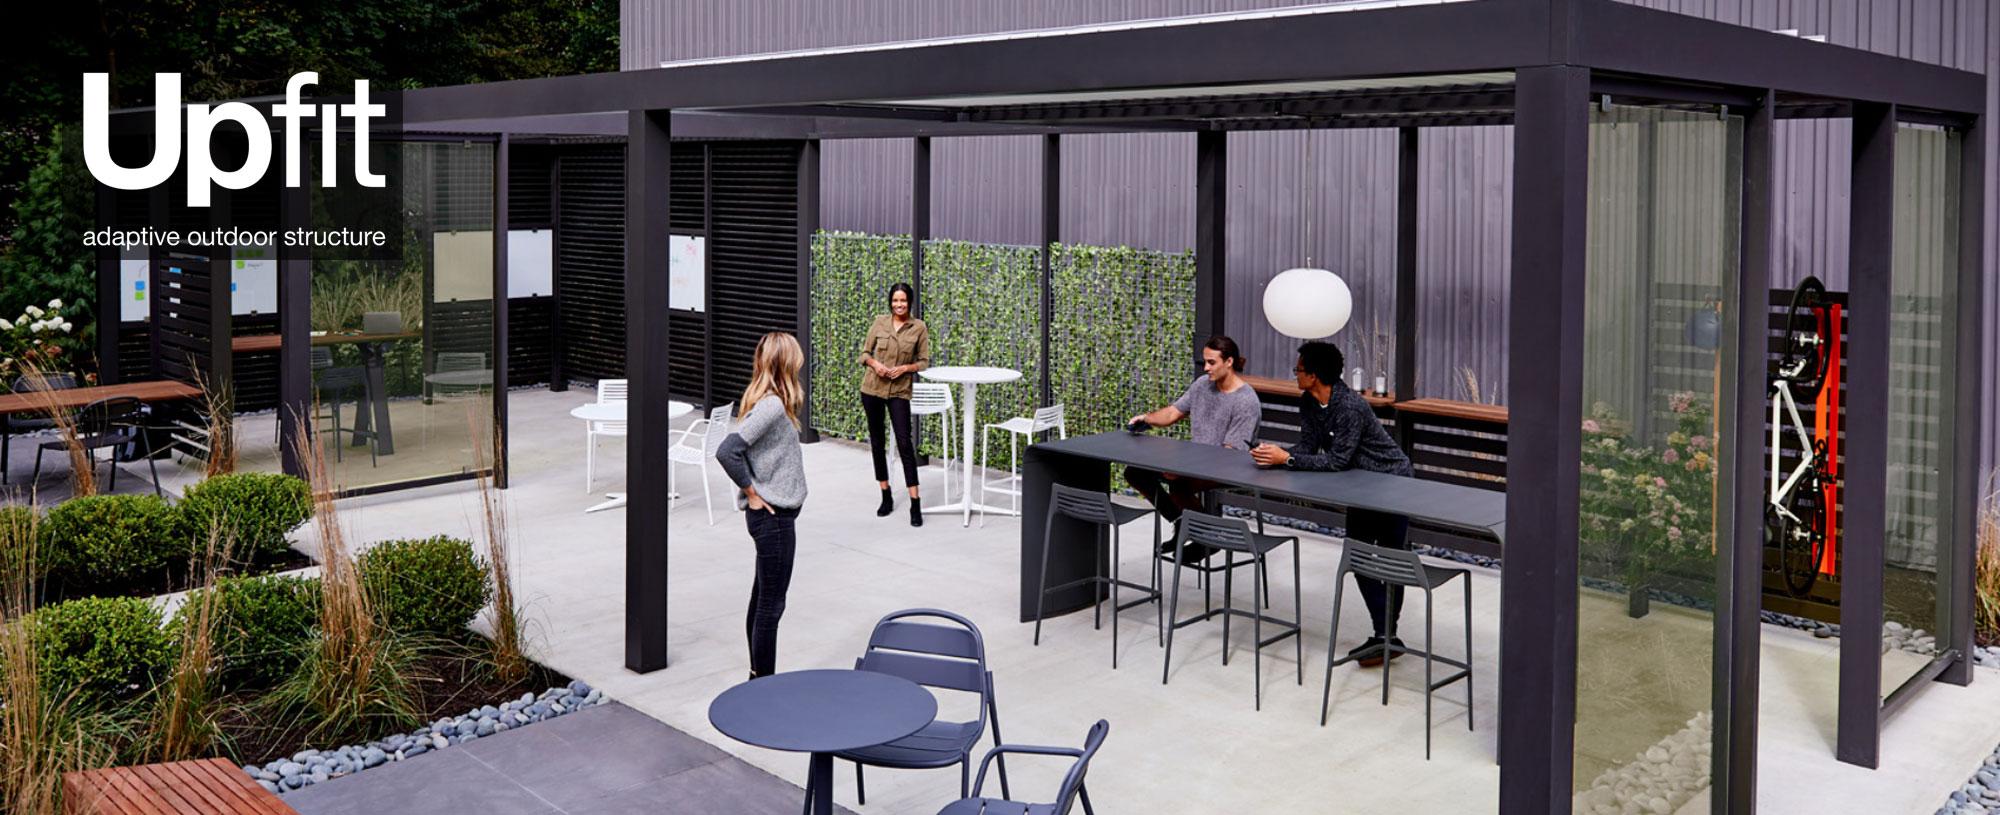 Architectural Street Furniture Artform Urban